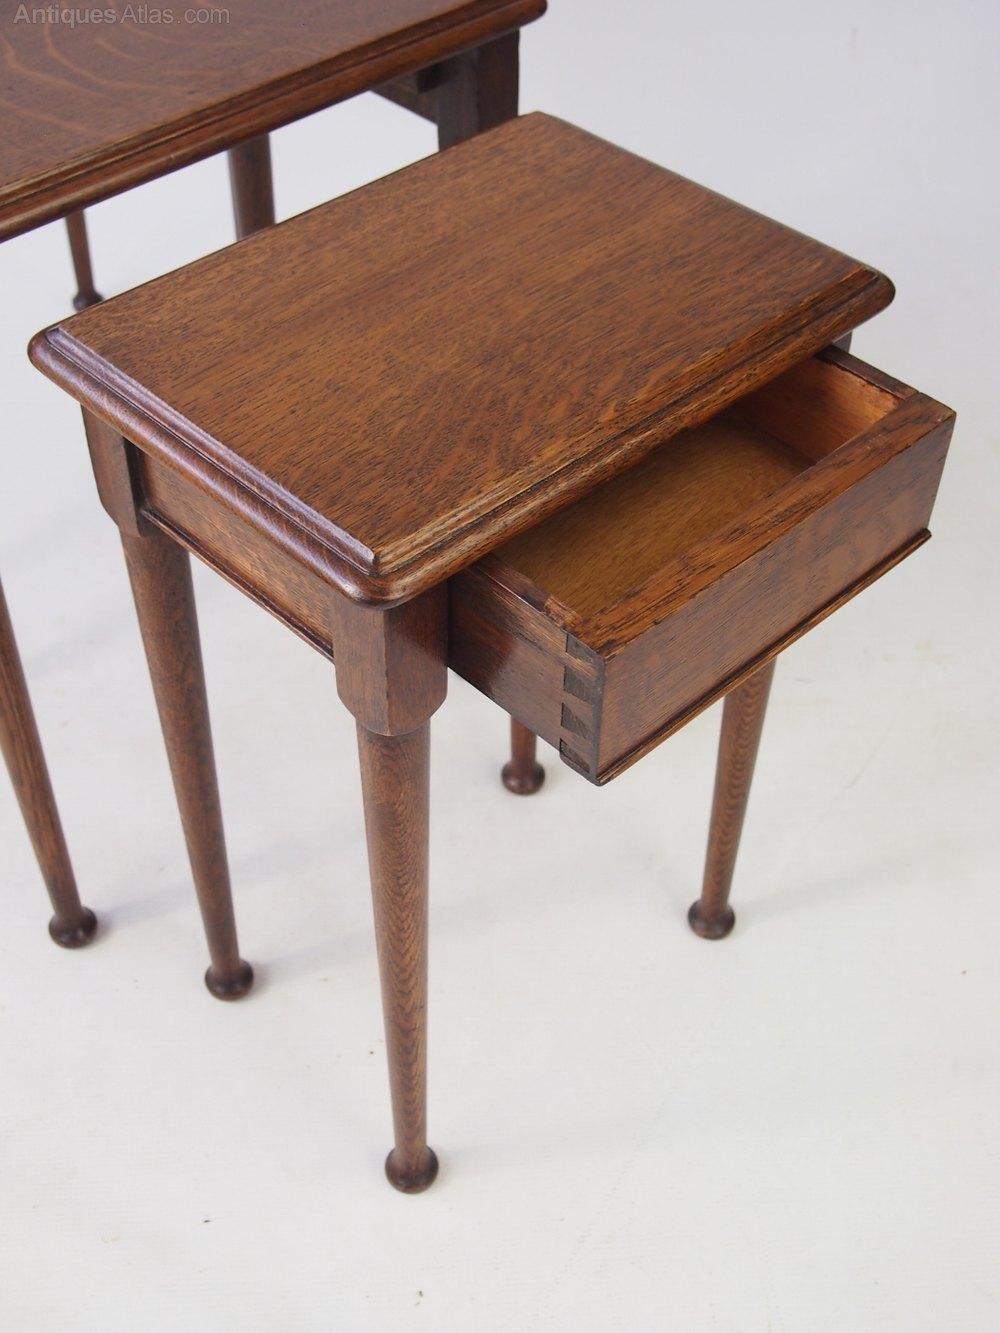 vintage oak nest of tables antiques atlas. Black Bedroom Furniture Sets. Home Design Ideas